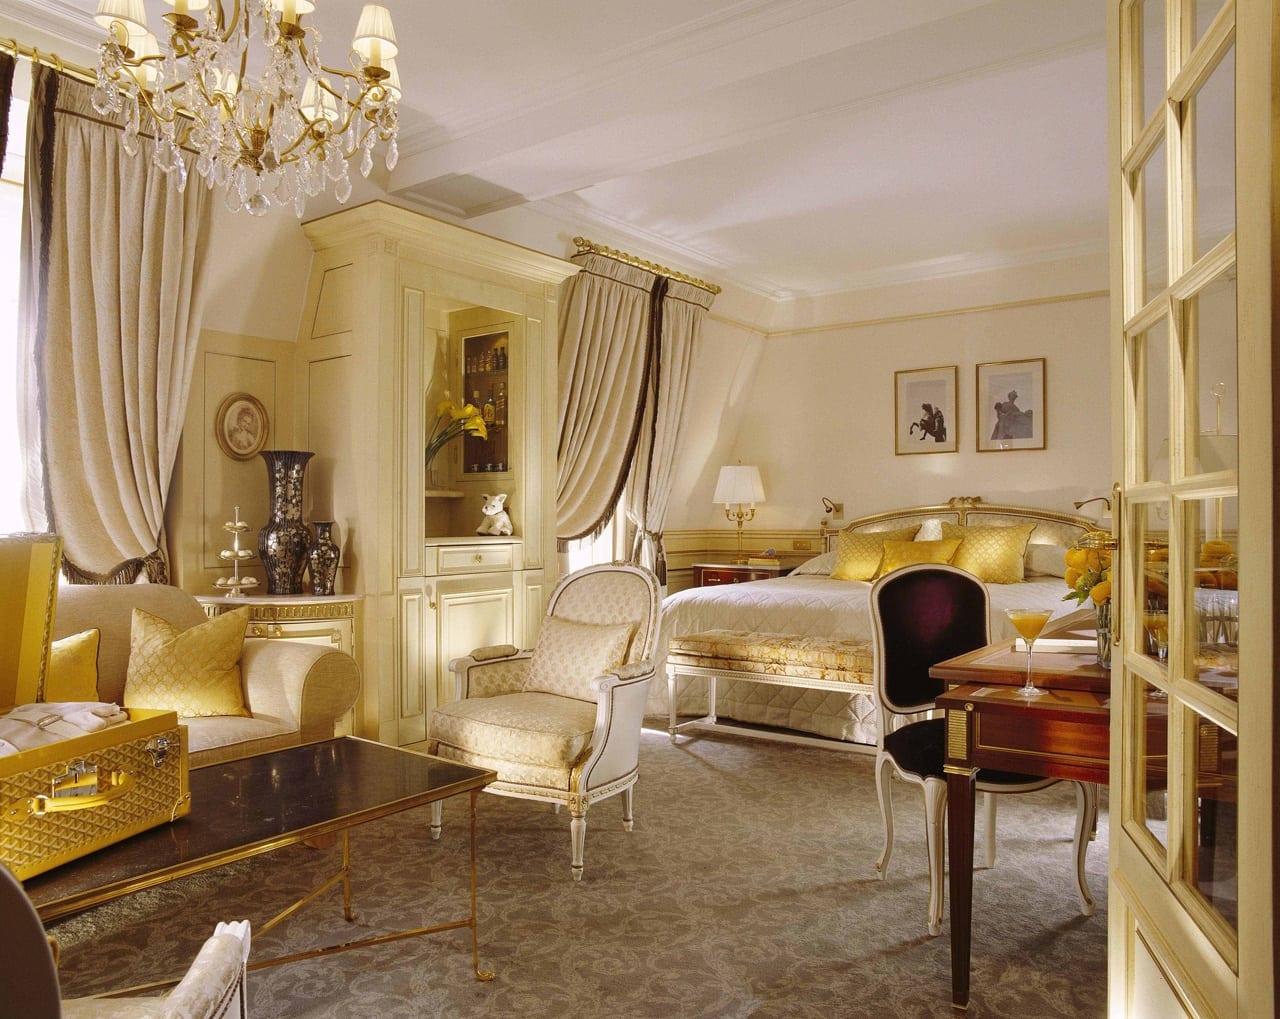 H6380 27275645 34 524 Executive Junior Suite - Le Meurice, Paris - Romantism, opulență și lux